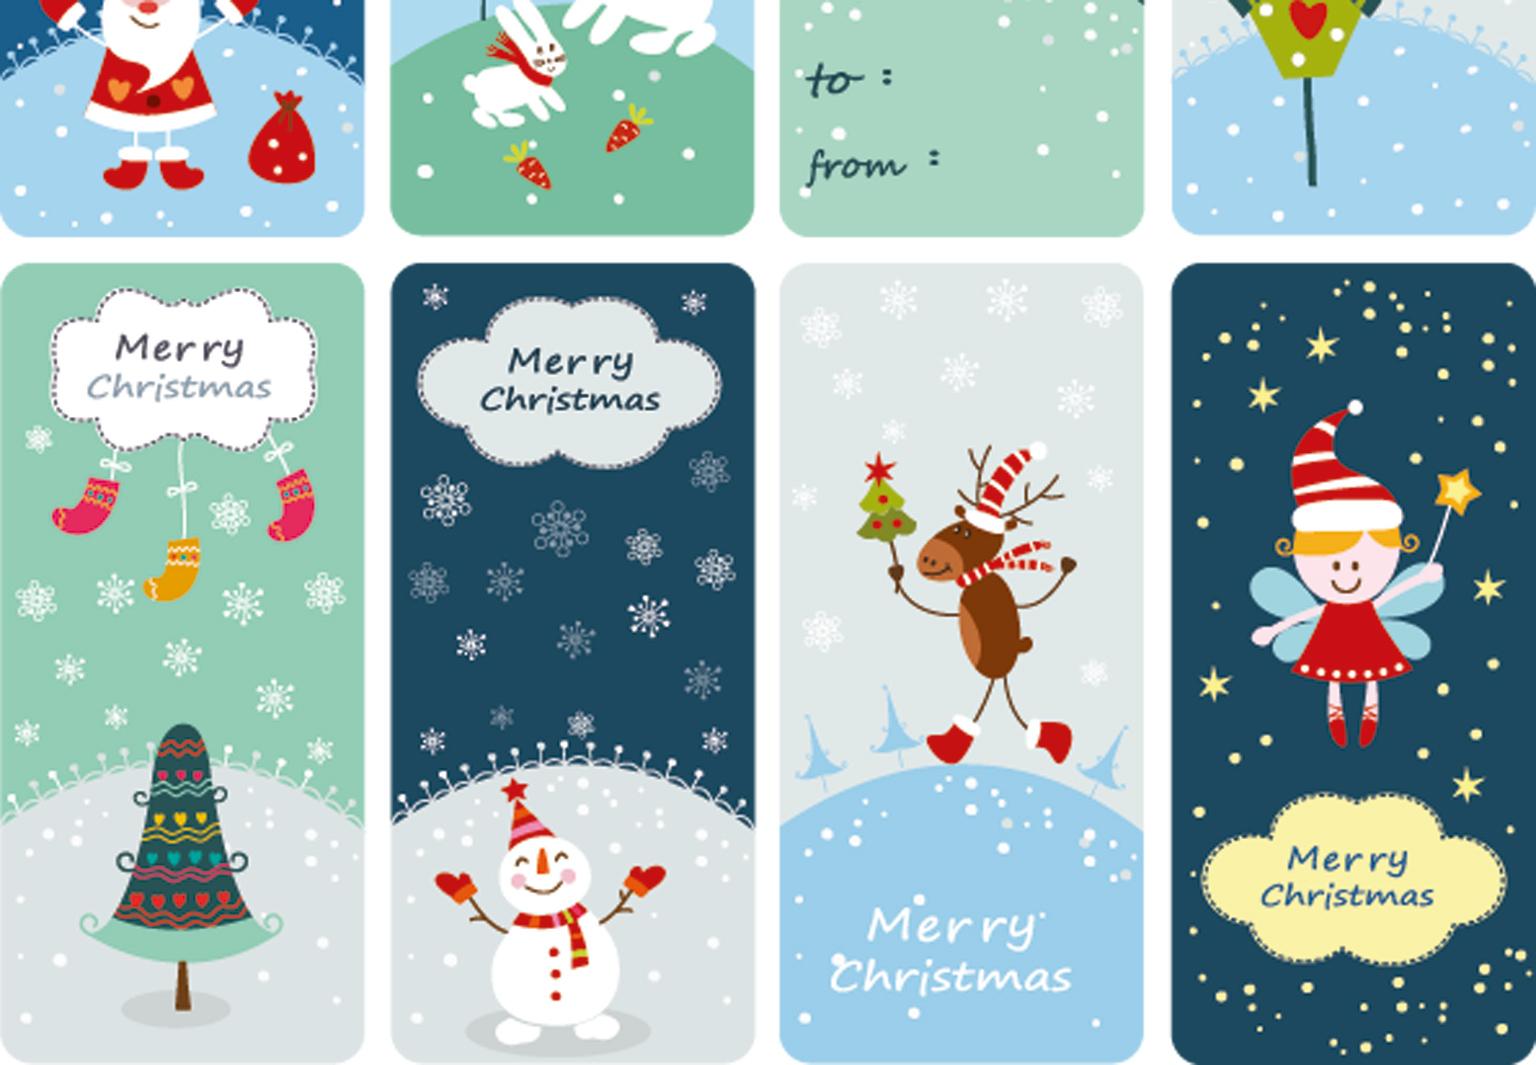 Des Étiquettes De Noël À Imprimer - Femme Actuelle intérieur Etiquette Cadeau Noel A Imprimer Gratuitement